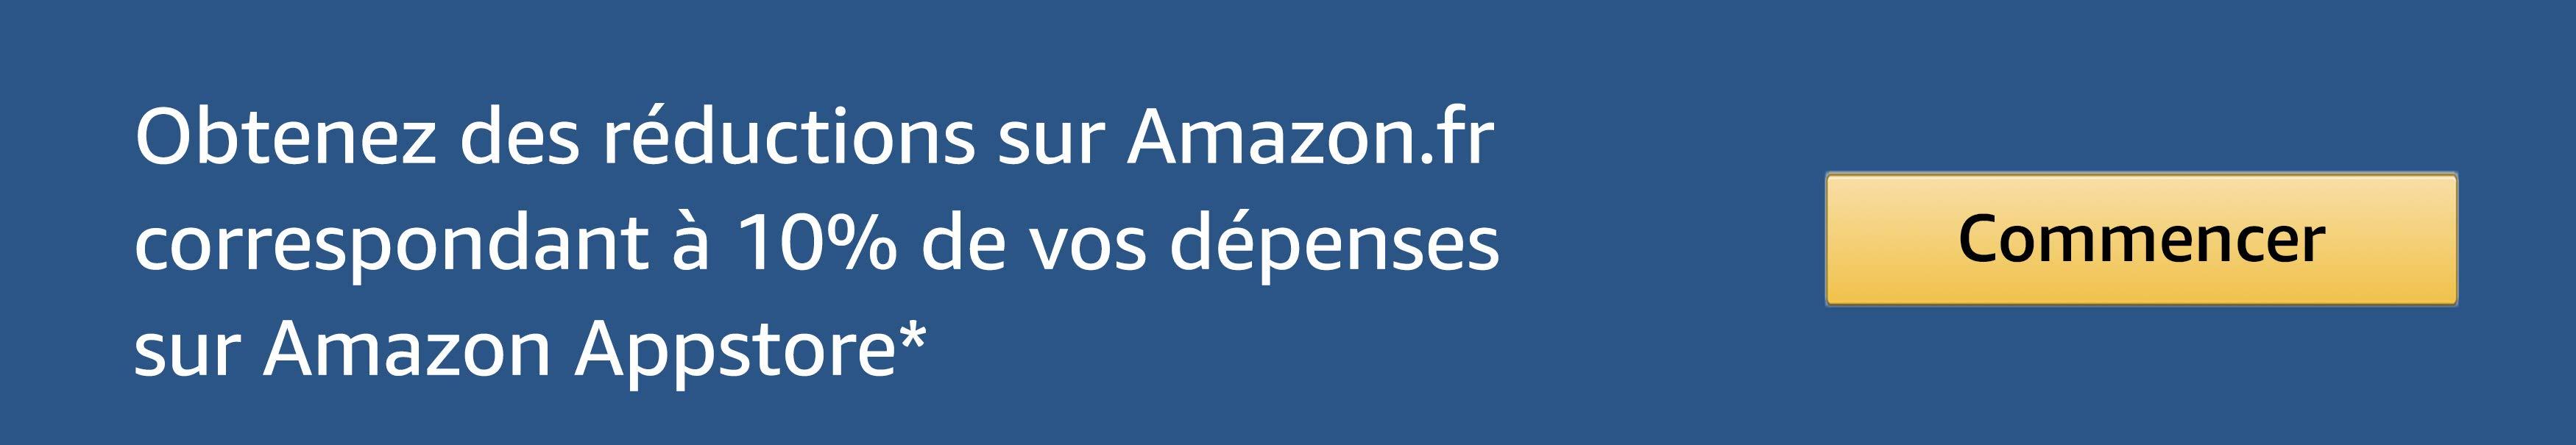 Obtenez 10% des réduction sur Amazon.fr